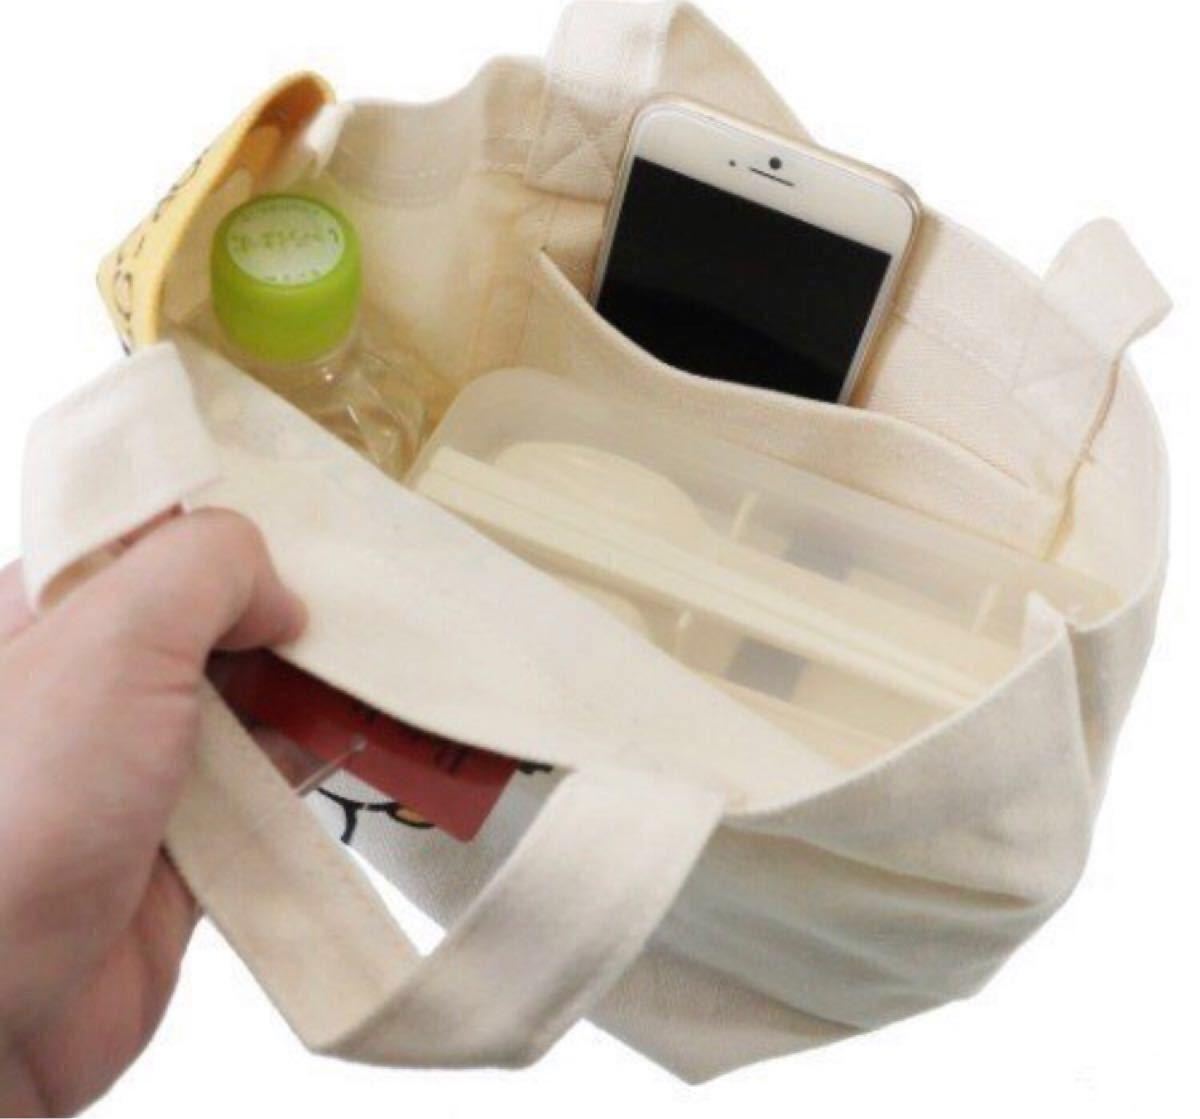 トートバッグ ランチバッグ ムーミン リトルミィ ミニトートバッグ キャンバス生地 エコバッグ ミィ 靴下 スニーカーソックス